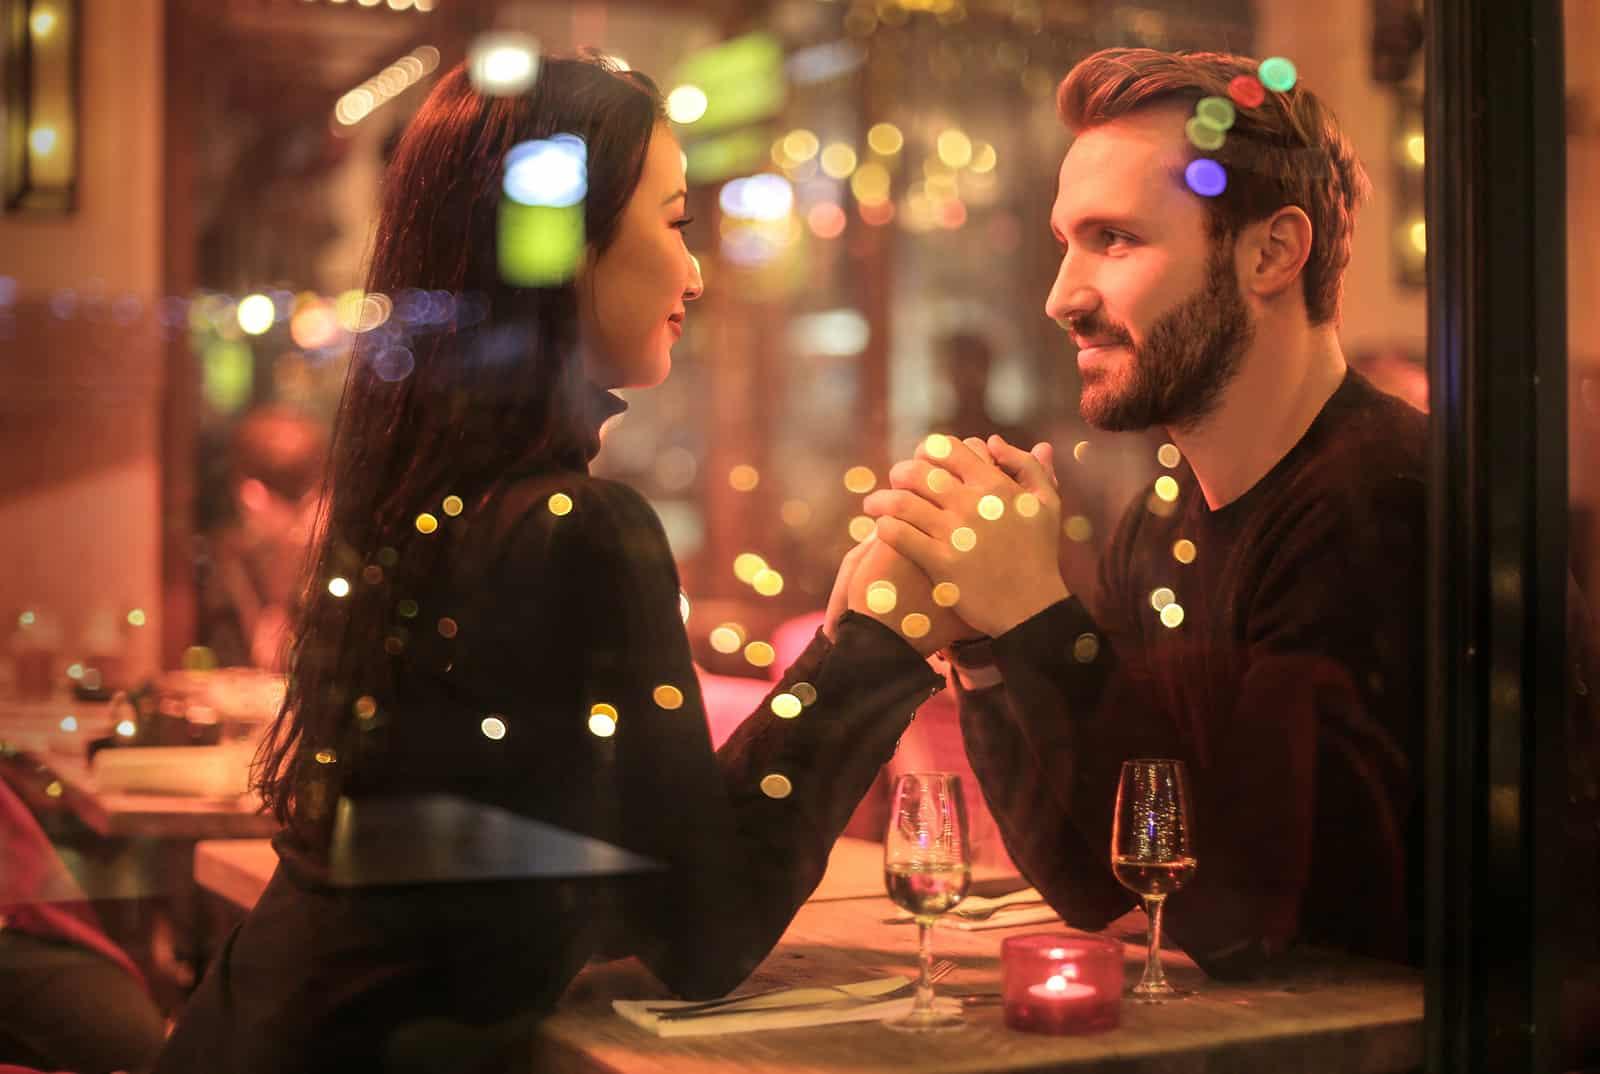 un couple main dans la main dans un restaurant et se regardant